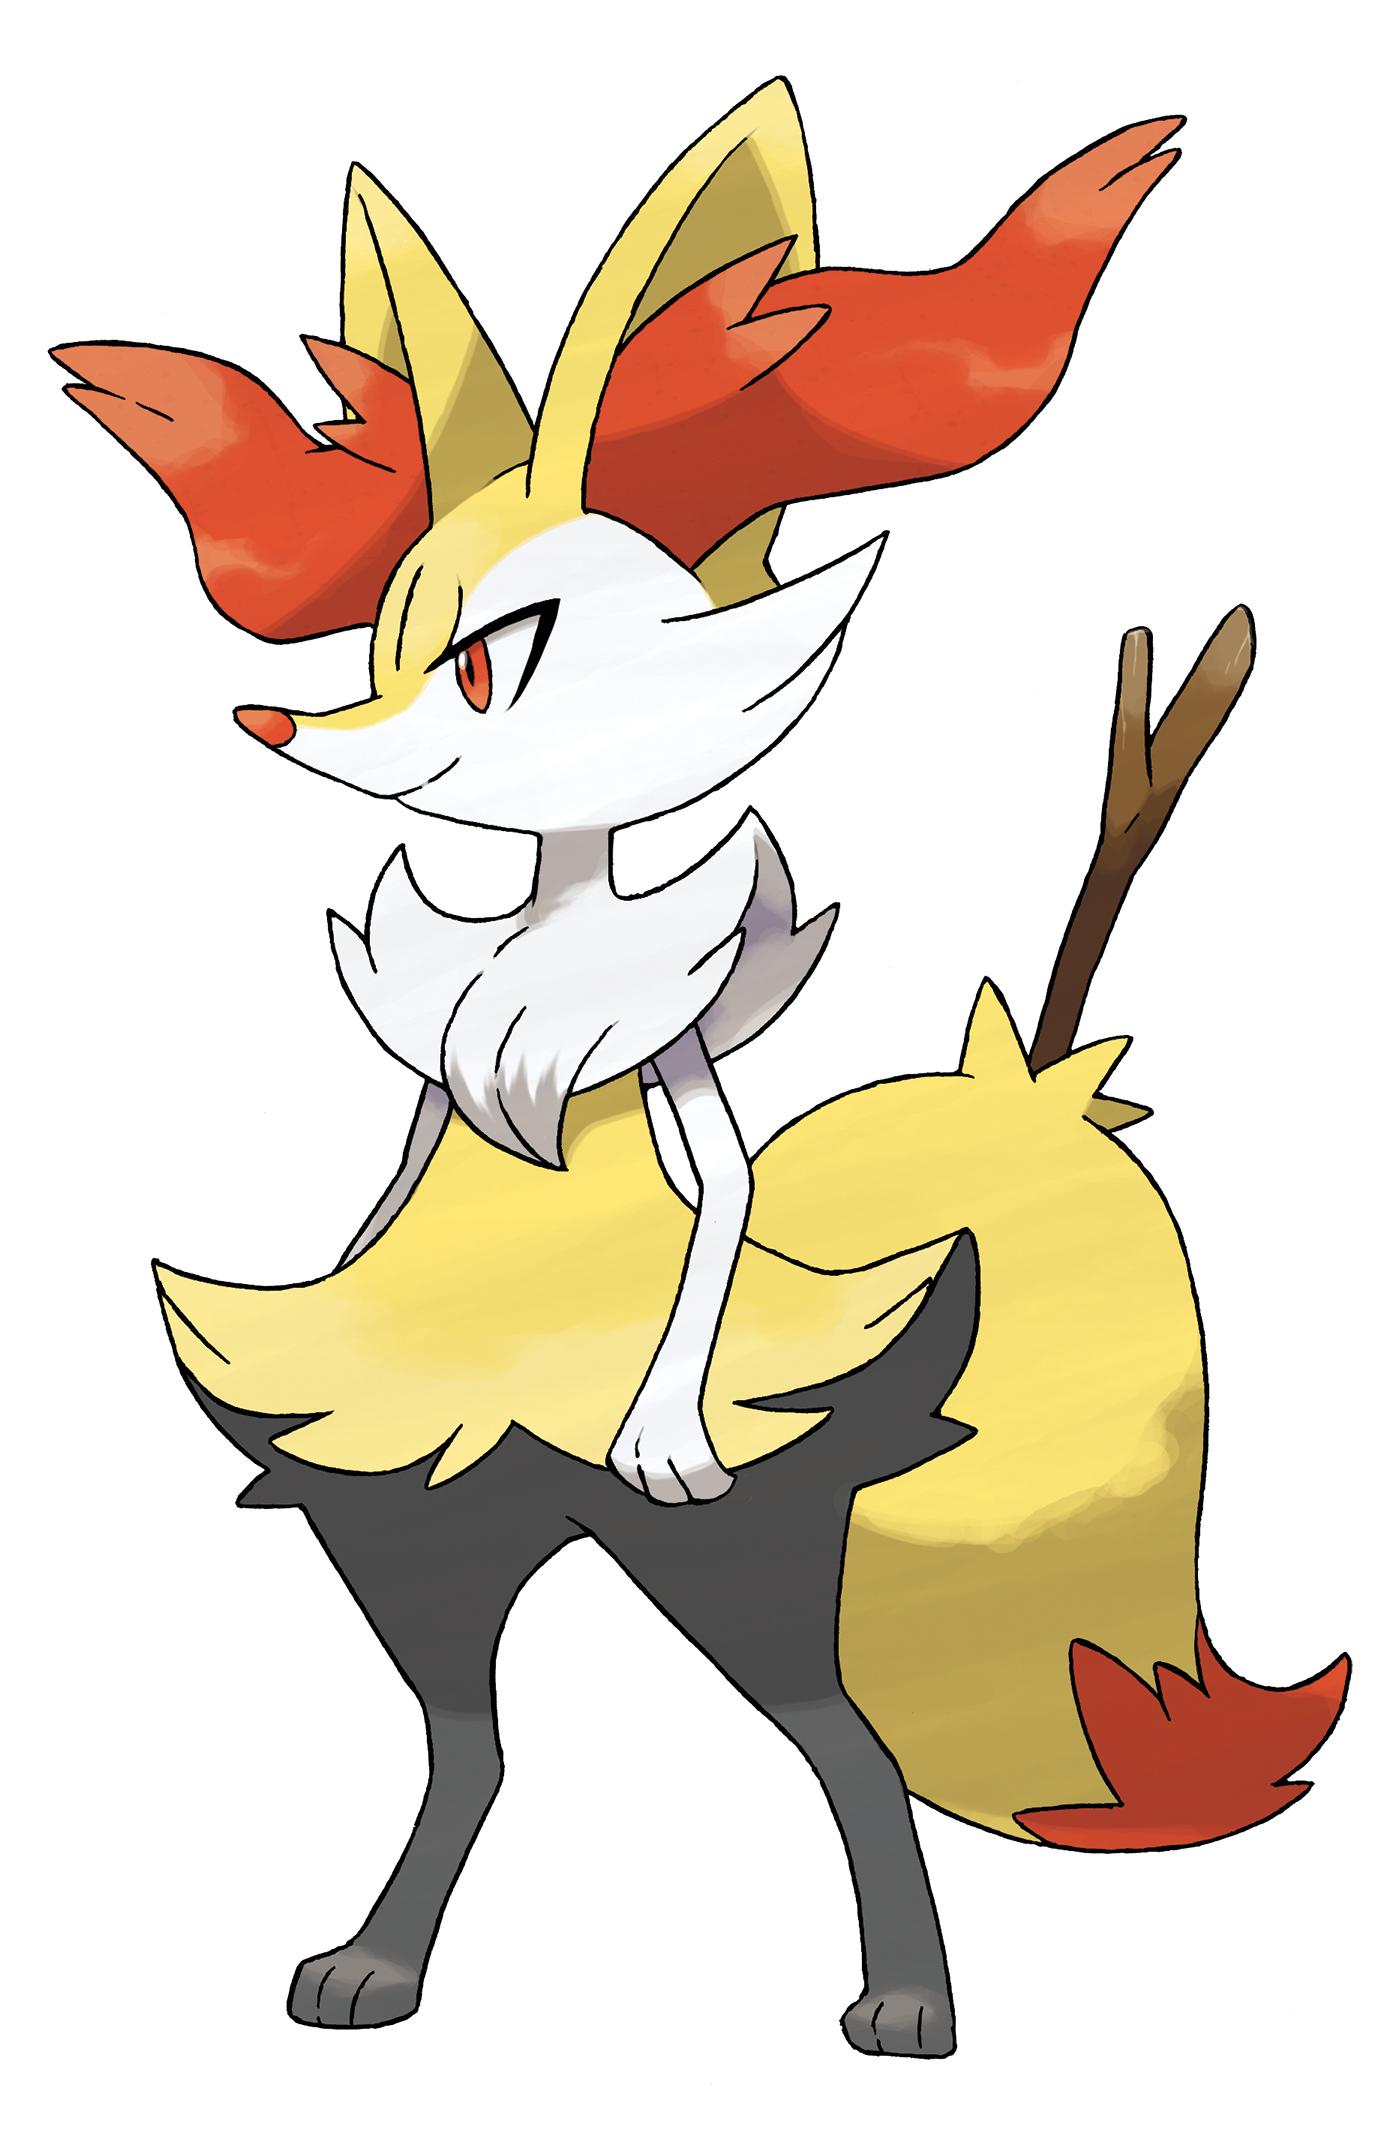 Braixen | Pokemon Canon Character | 𝓬𝓪𝓽𝓵𝓾𝓷𝓰𝓼~ Minecraft Skin